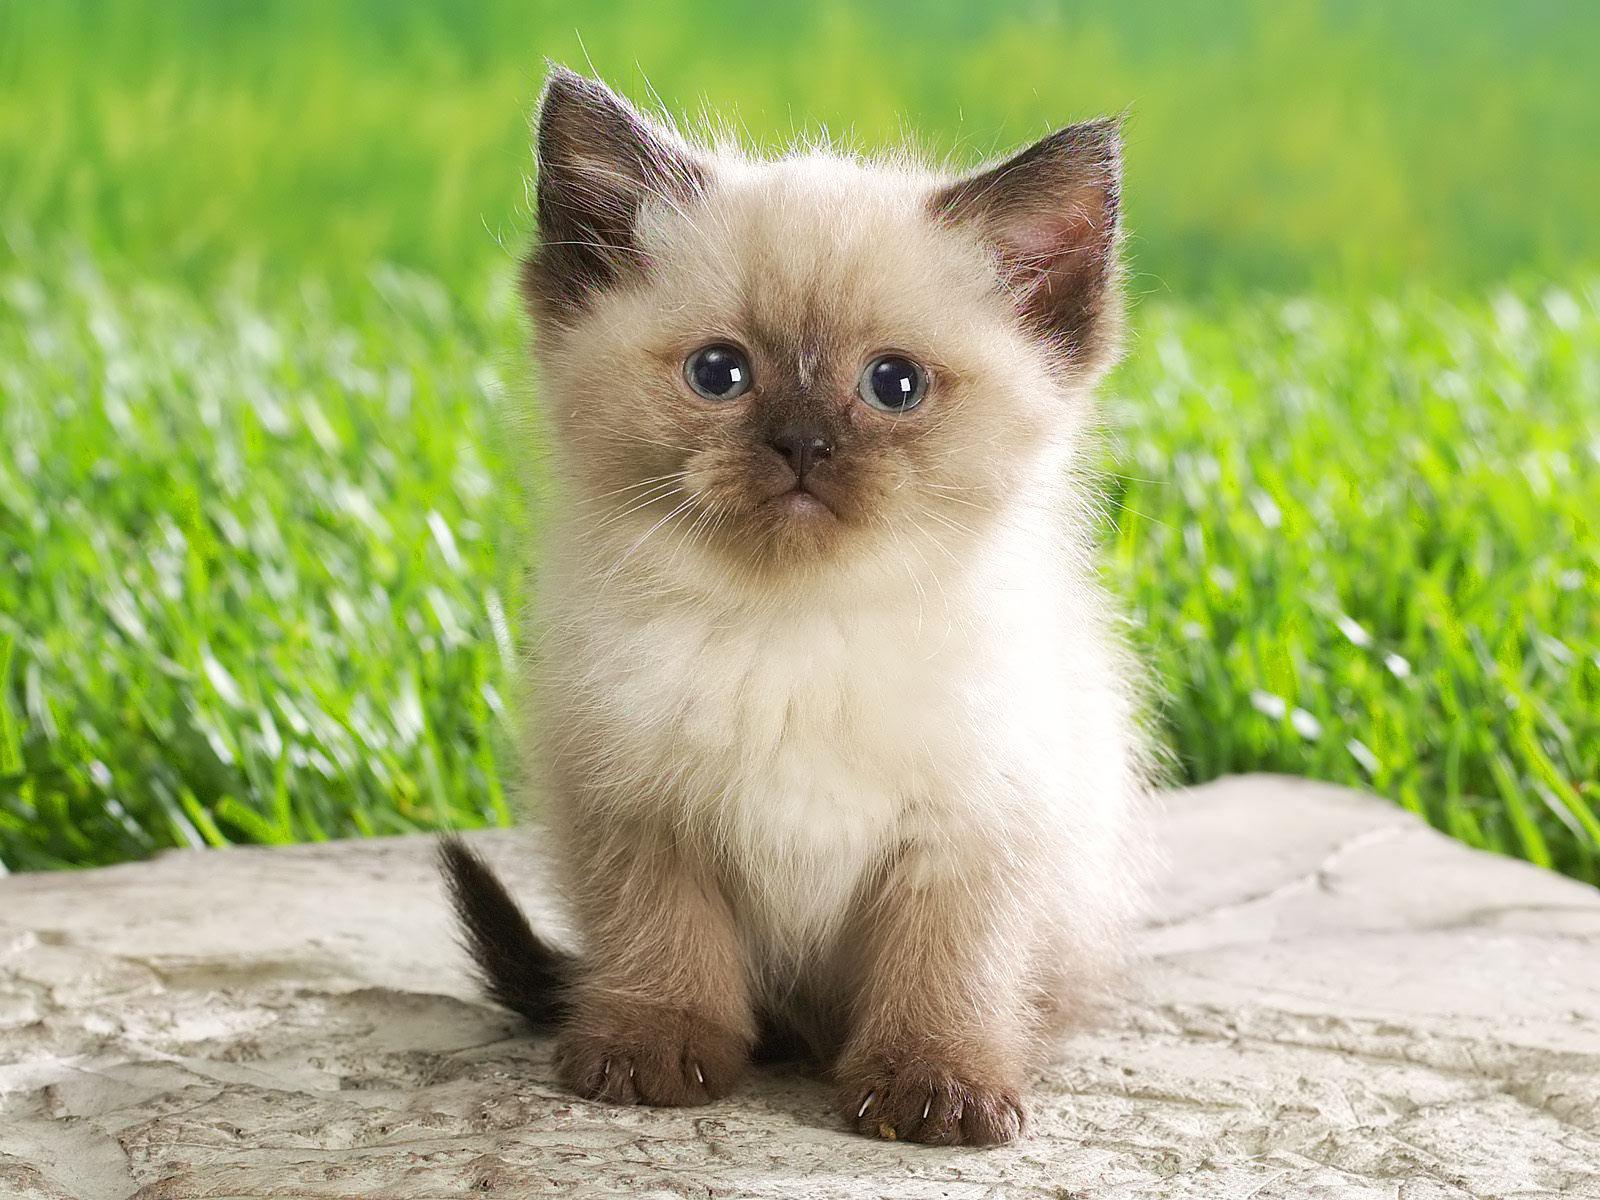 Cute Kitten - babies-pets-and-animals Wallpaper